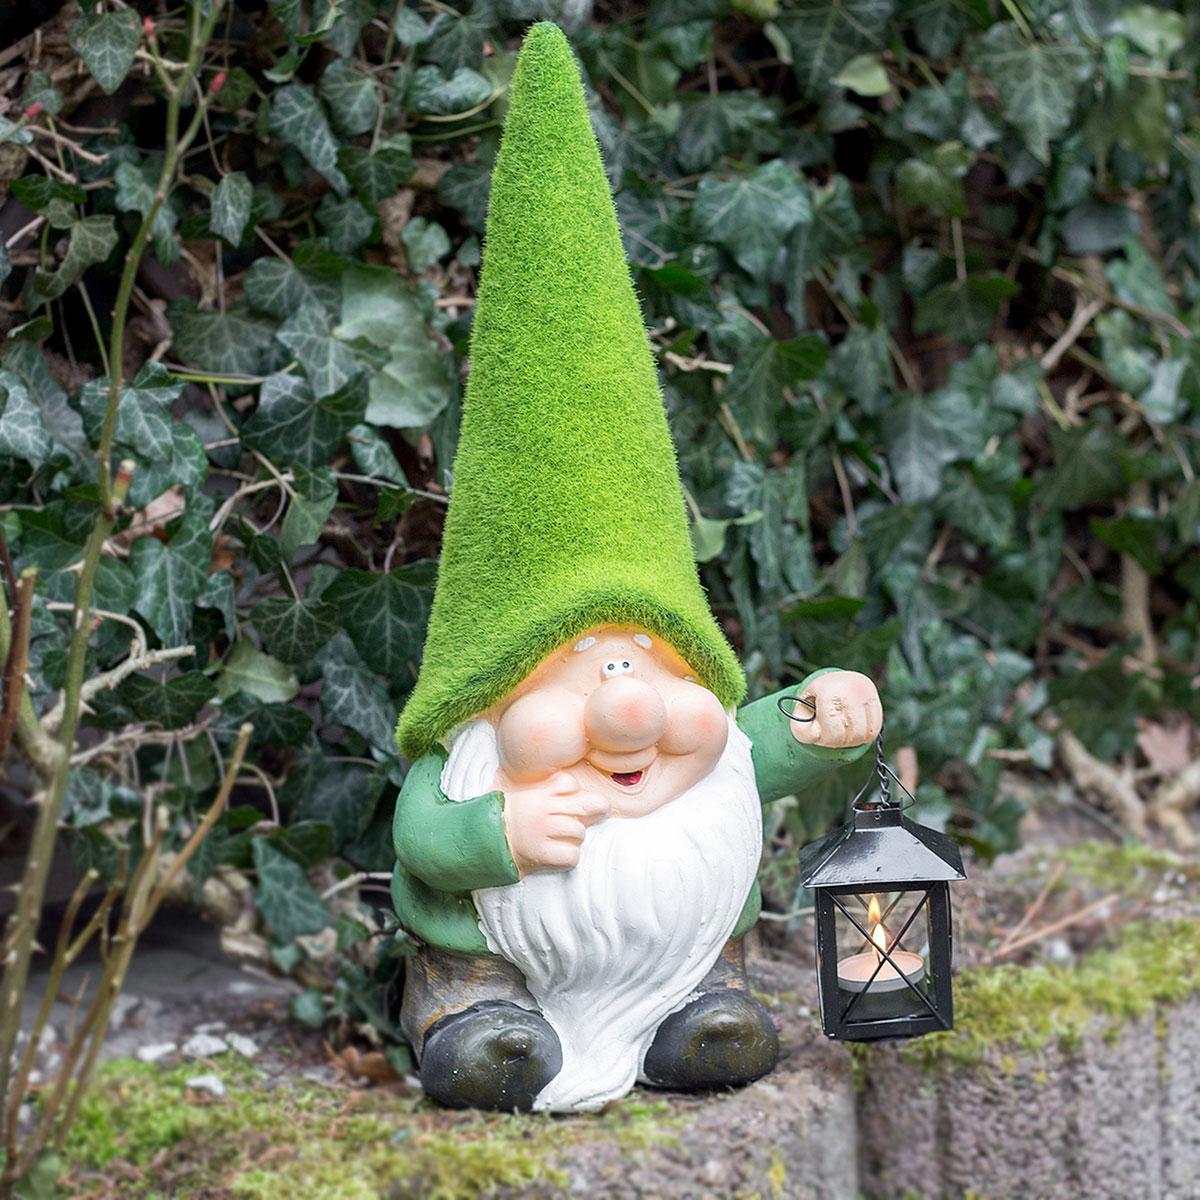 Gartenfigur Dekofigur Laterne m.Teelicht Gartenzwerg mit Laterne